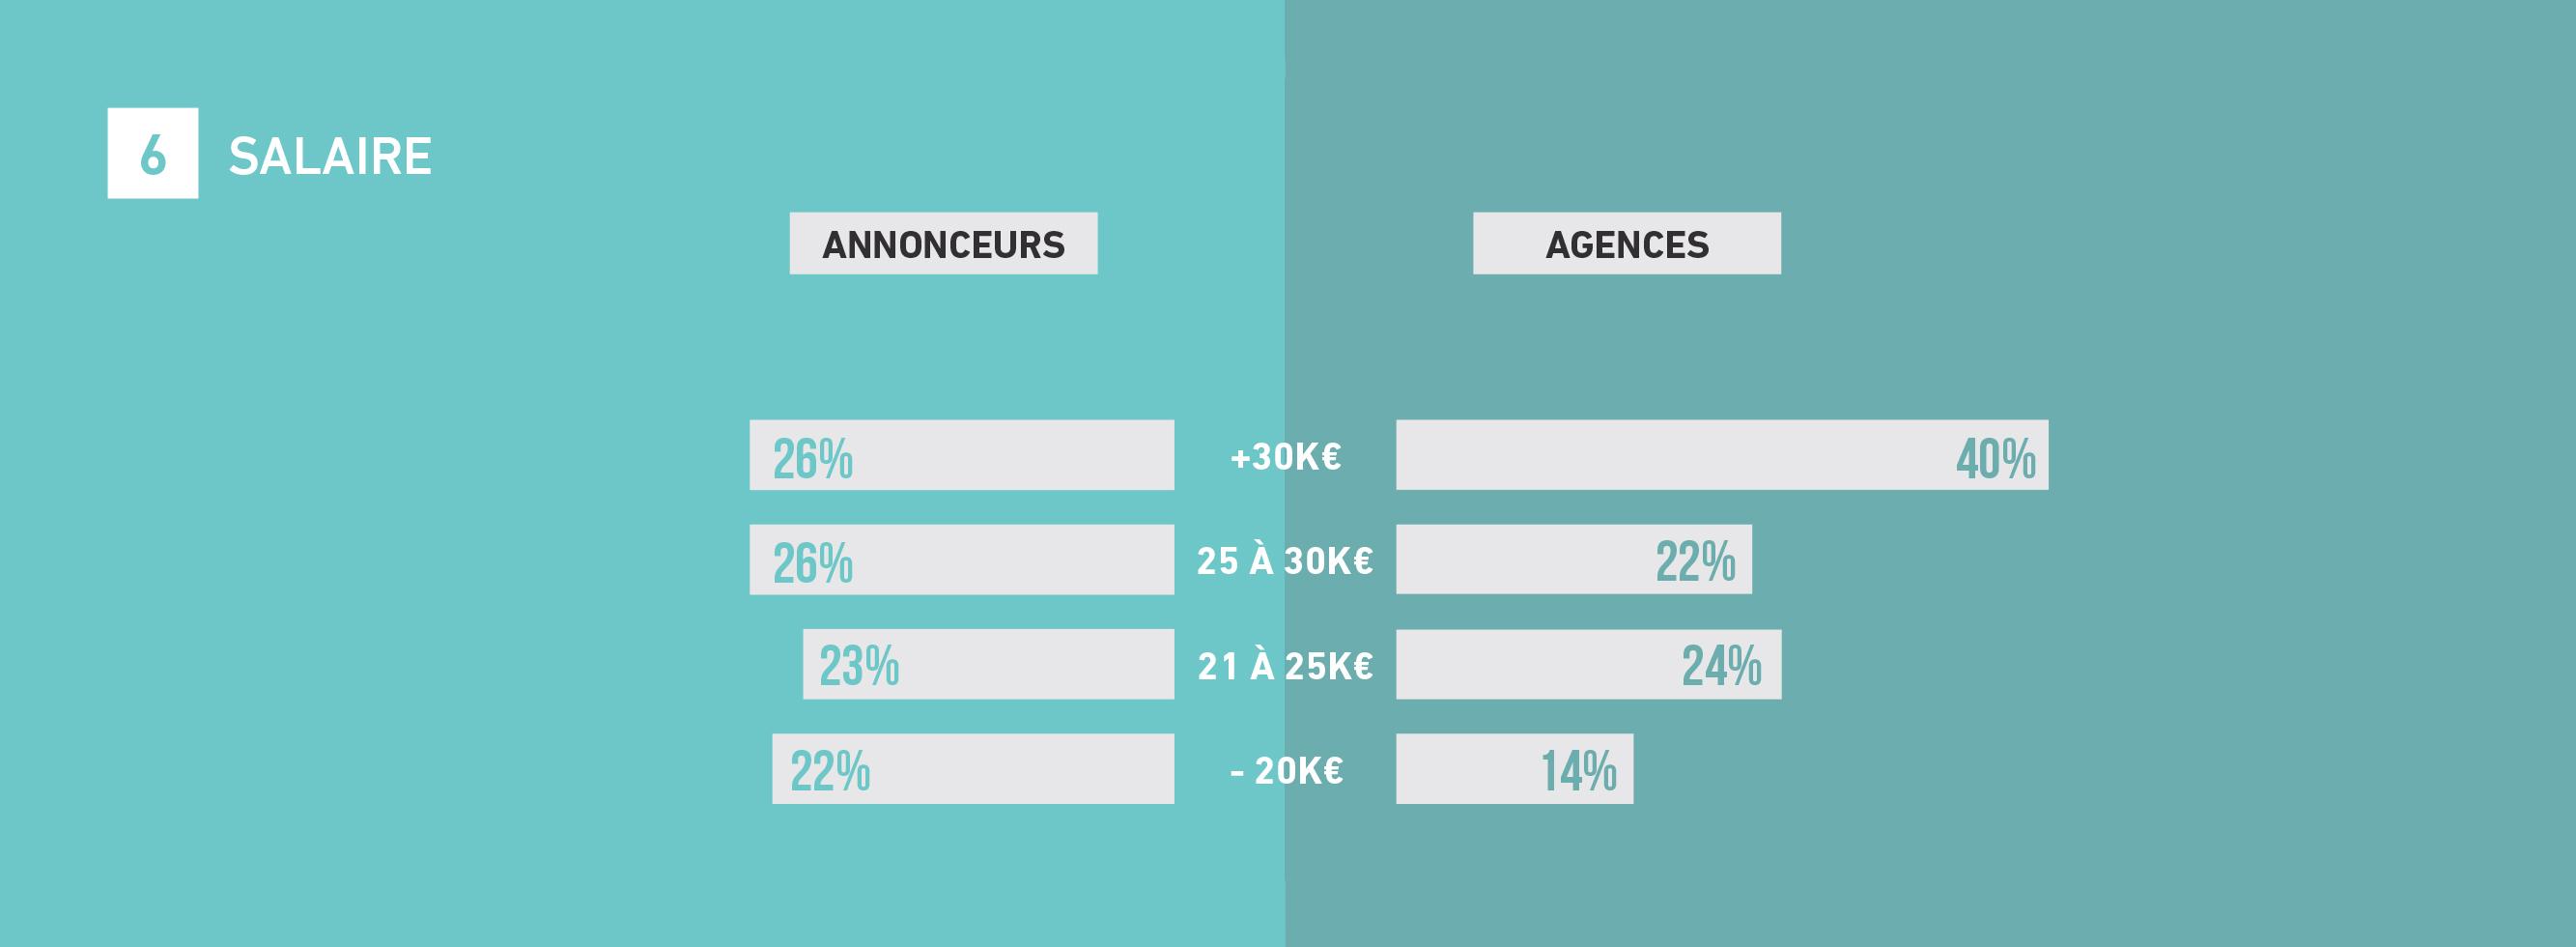 tendances-emploi-publicite-agences-annonceurs-barometre-metiers-communication-2018-sup-de-com-salaires-remunerations